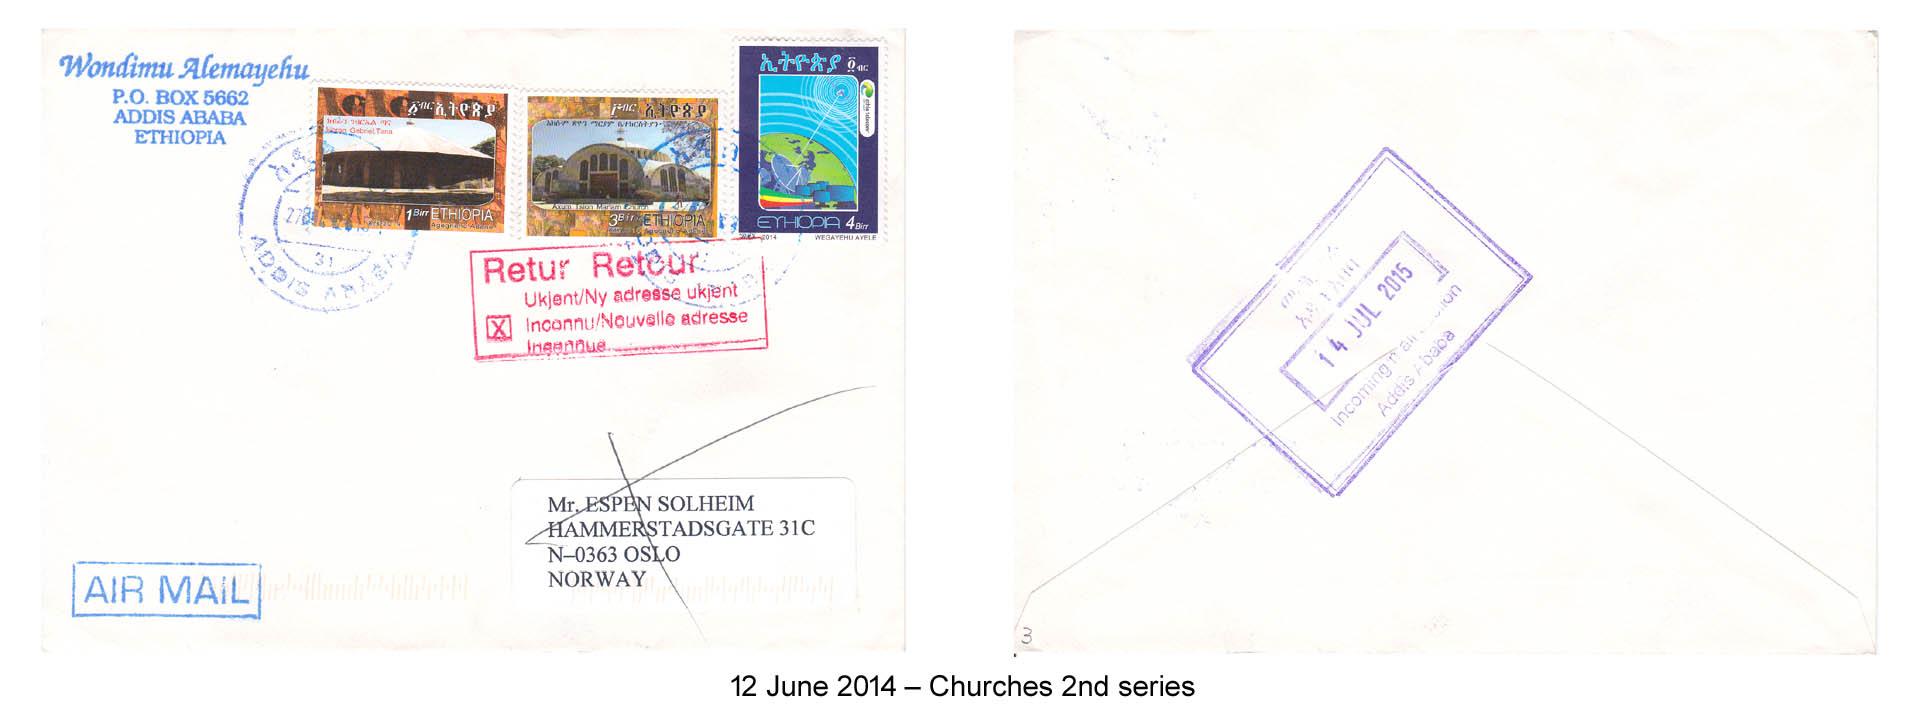 20140612 – Churches 2nd series